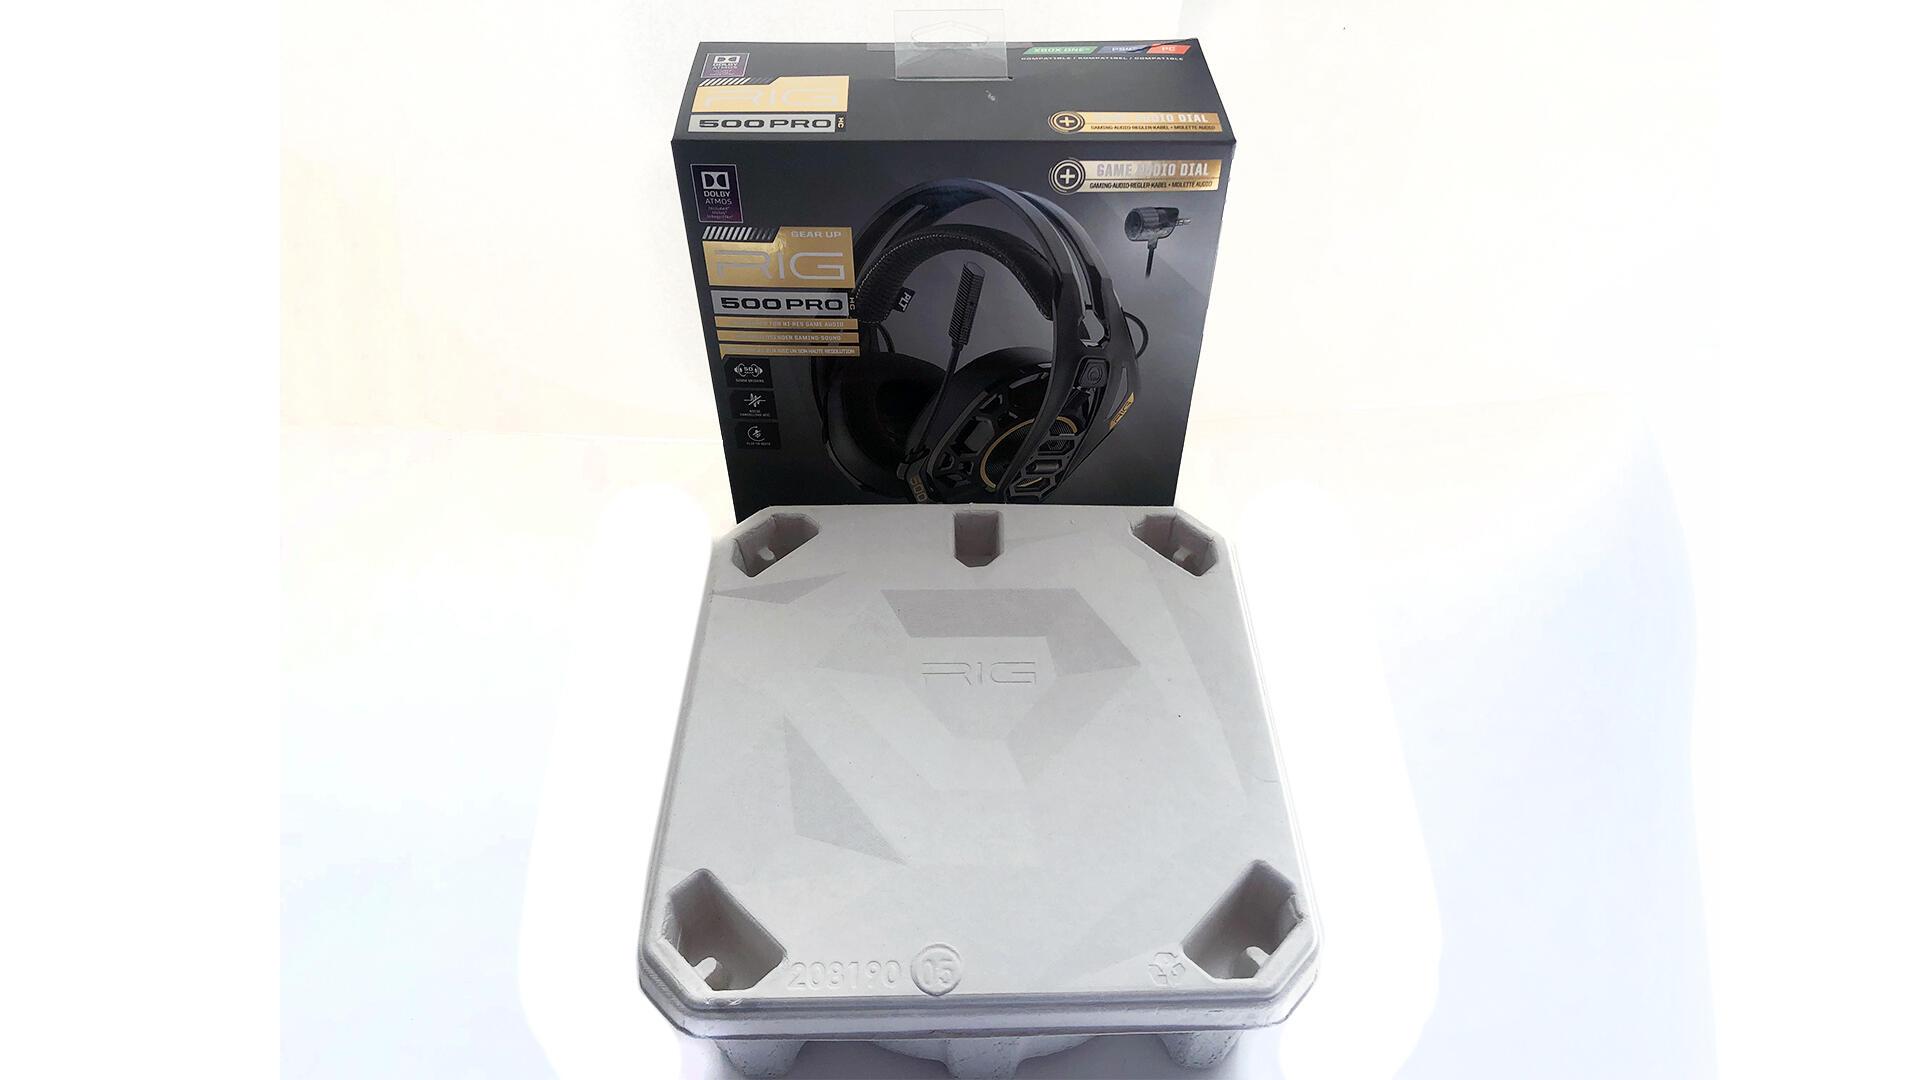 Periferiya - Plantronics RIG 500 PRO HC - garnitura s originalnym dizaynom